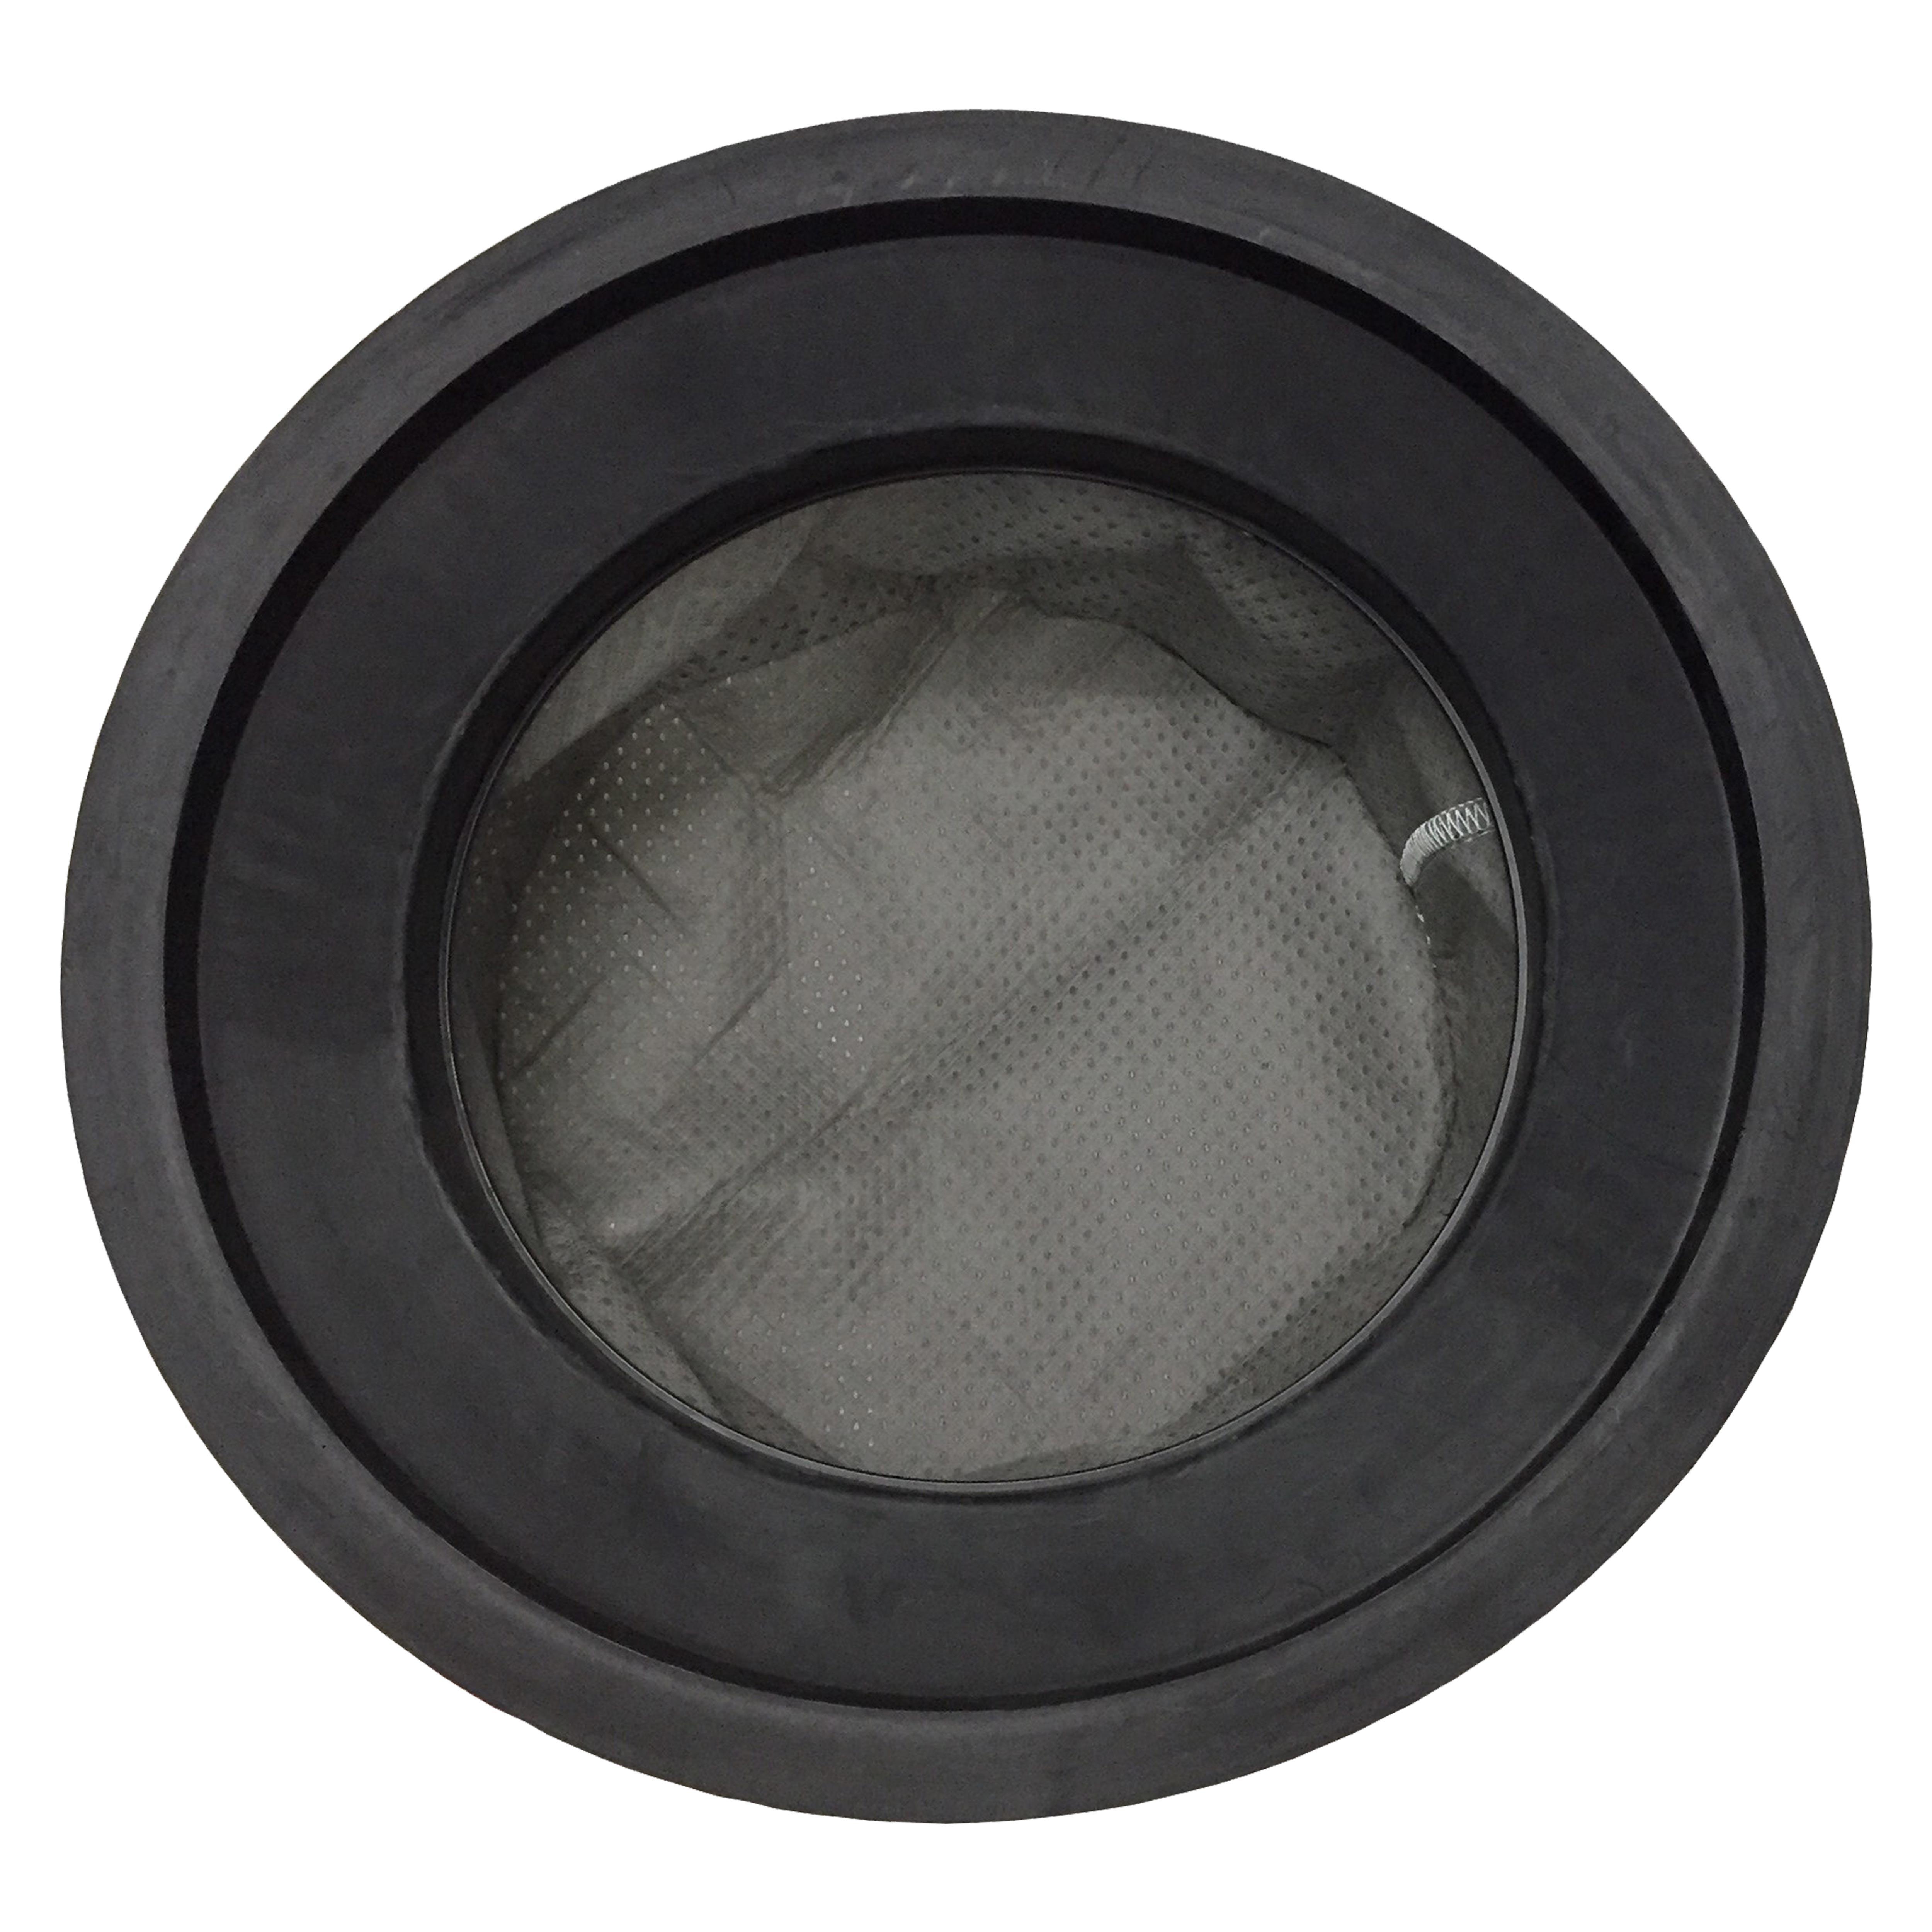 Túi vải lọc bụi máy hút bụi công nghiệp 10L, 15L, 30L 100% hàng nhập khẩu  đường kính 335mm thương hiệu MLEE